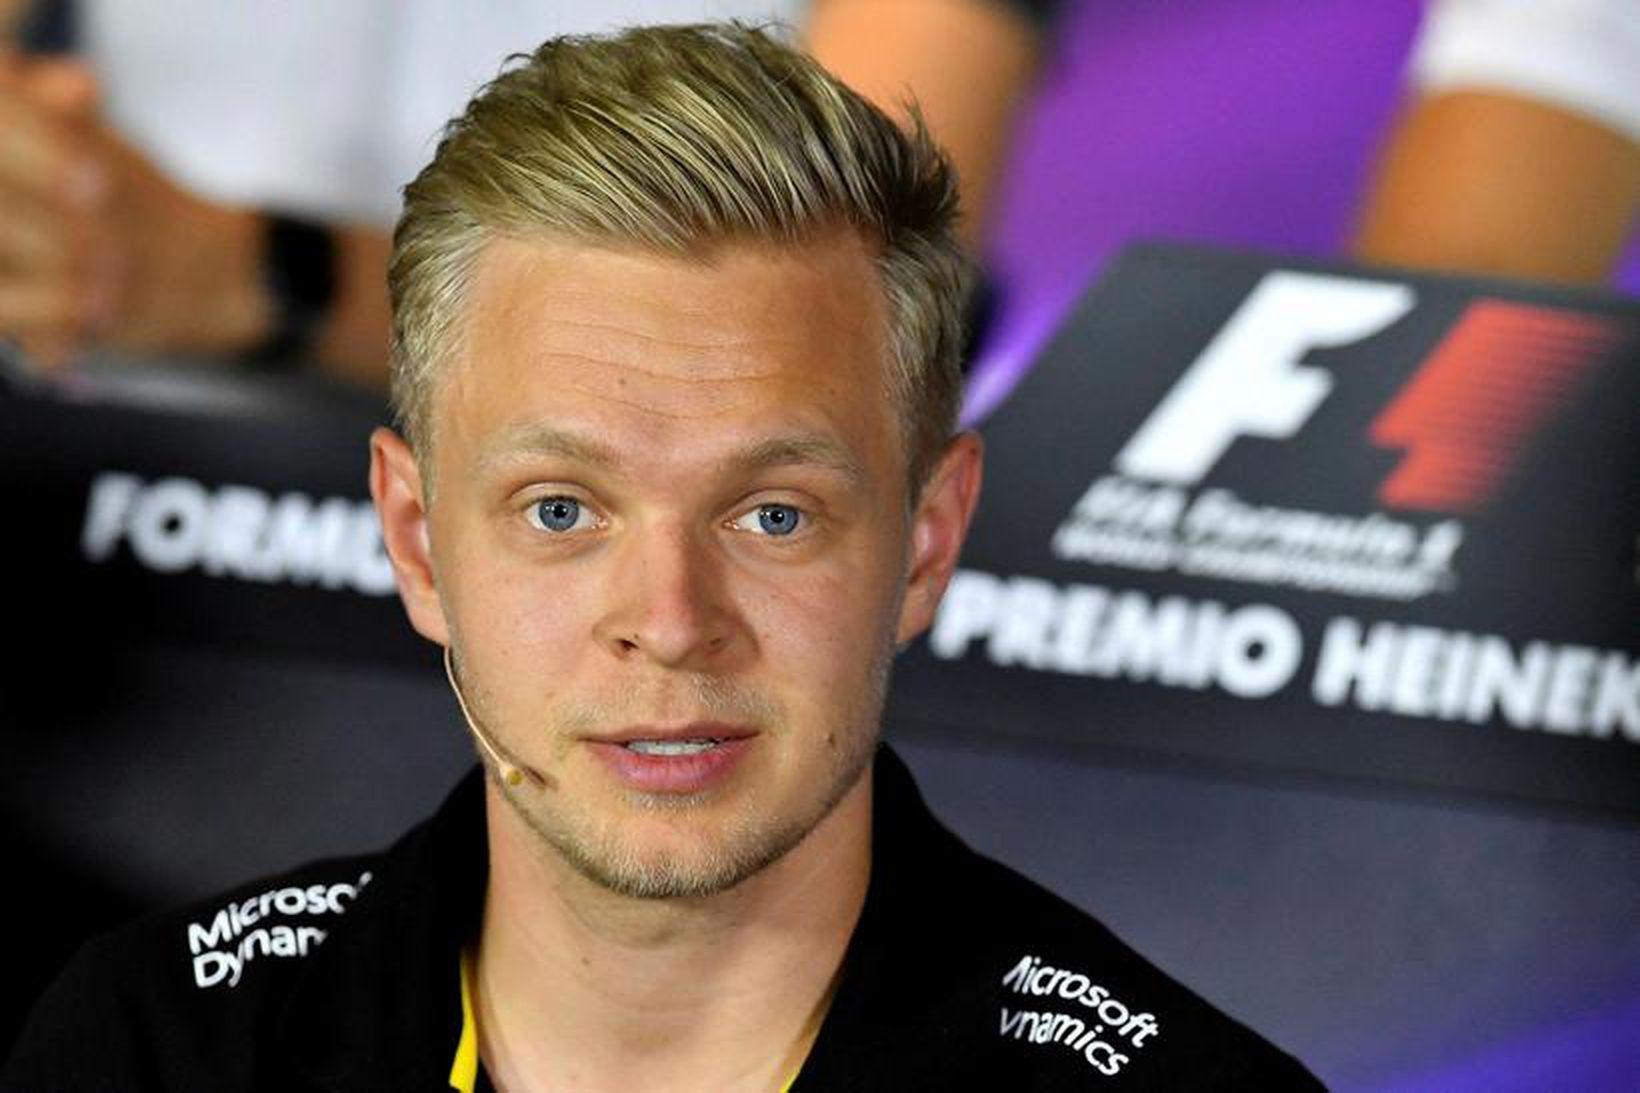 Kevin Magnussen var stálhress á blaðamannafundi í Monza í gær.